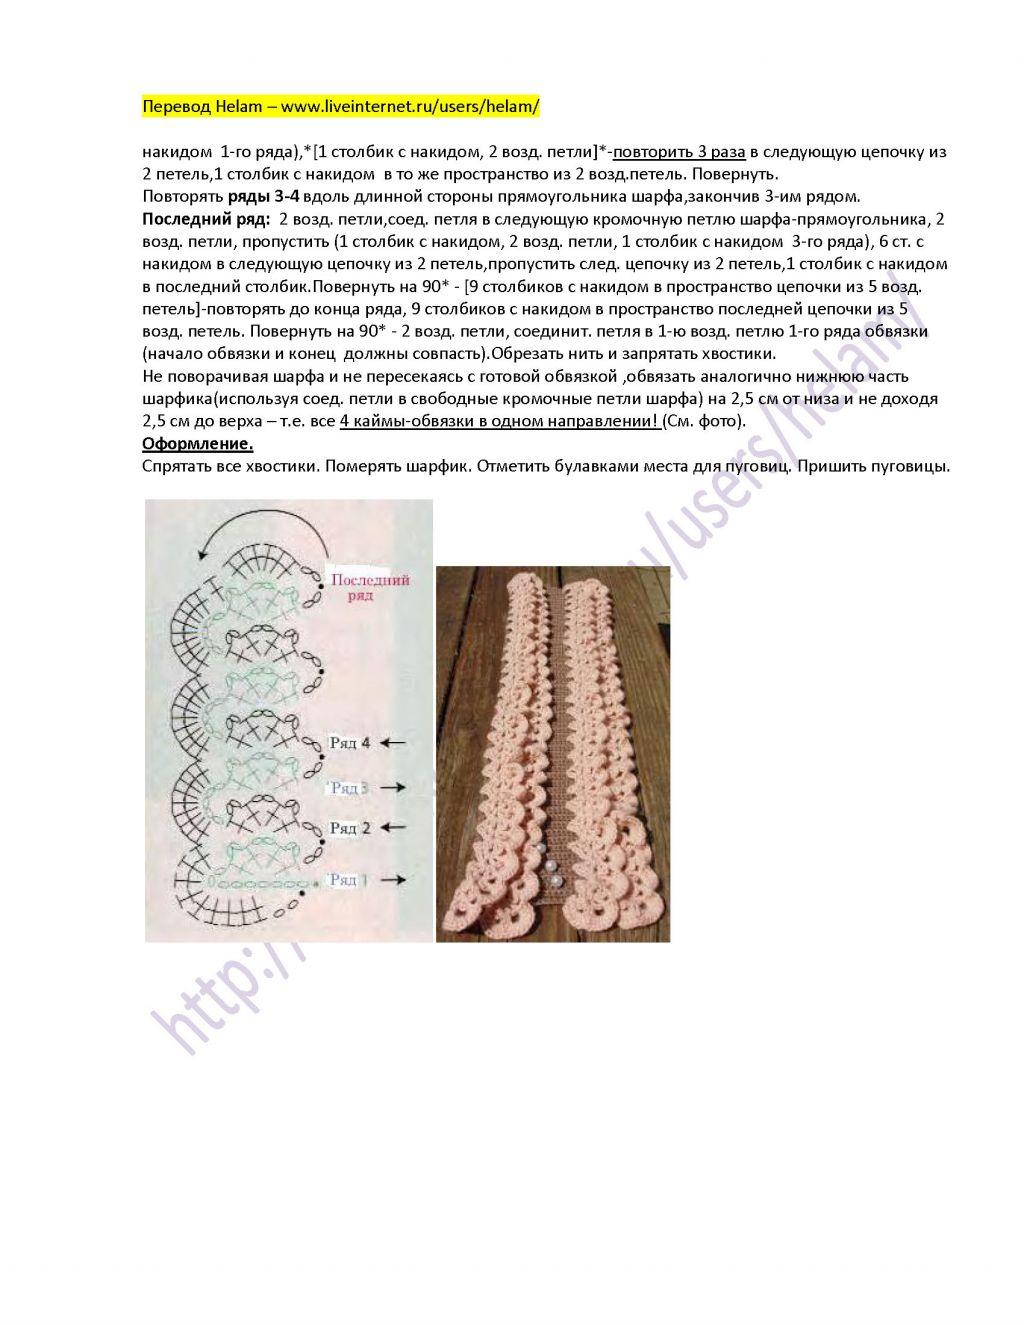 Шарф ажурный крючком схема 20 фотография